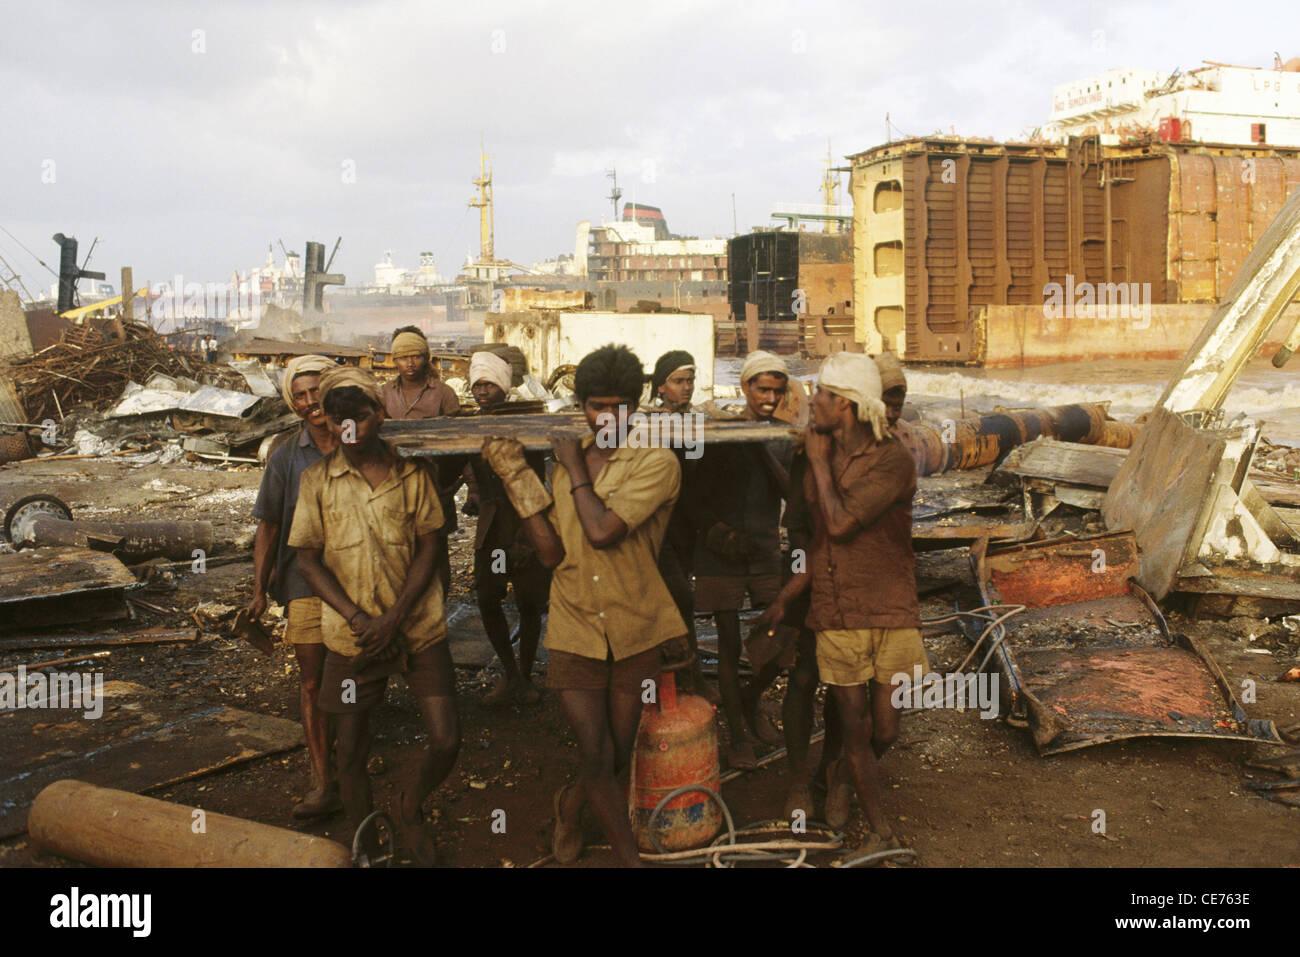 RVA 83129 : indian men carrying metal scrap alang ship breaking yard gujarat india - Stock Image